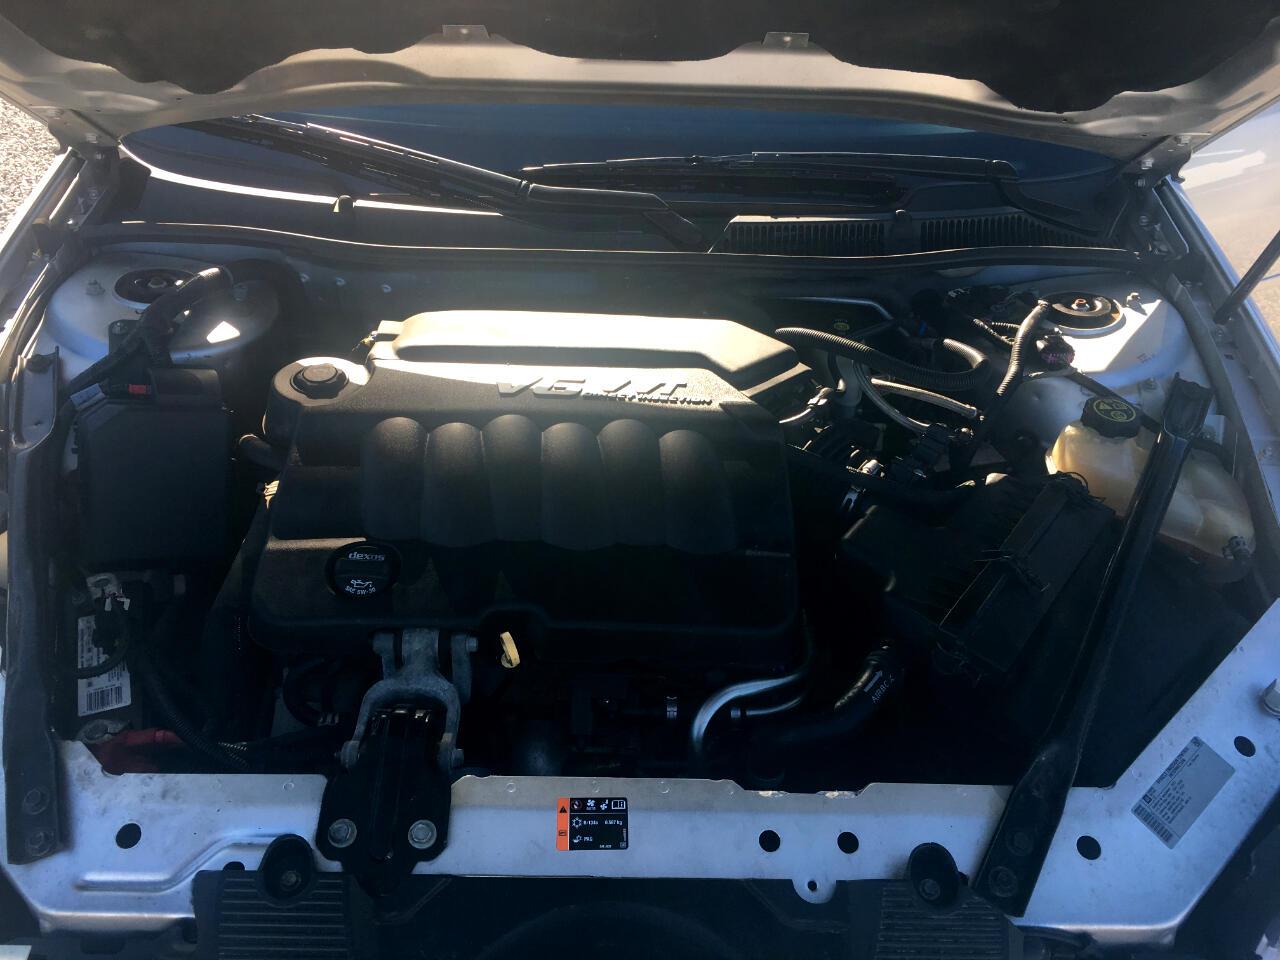 Chevrolet Impala LTZ 2013